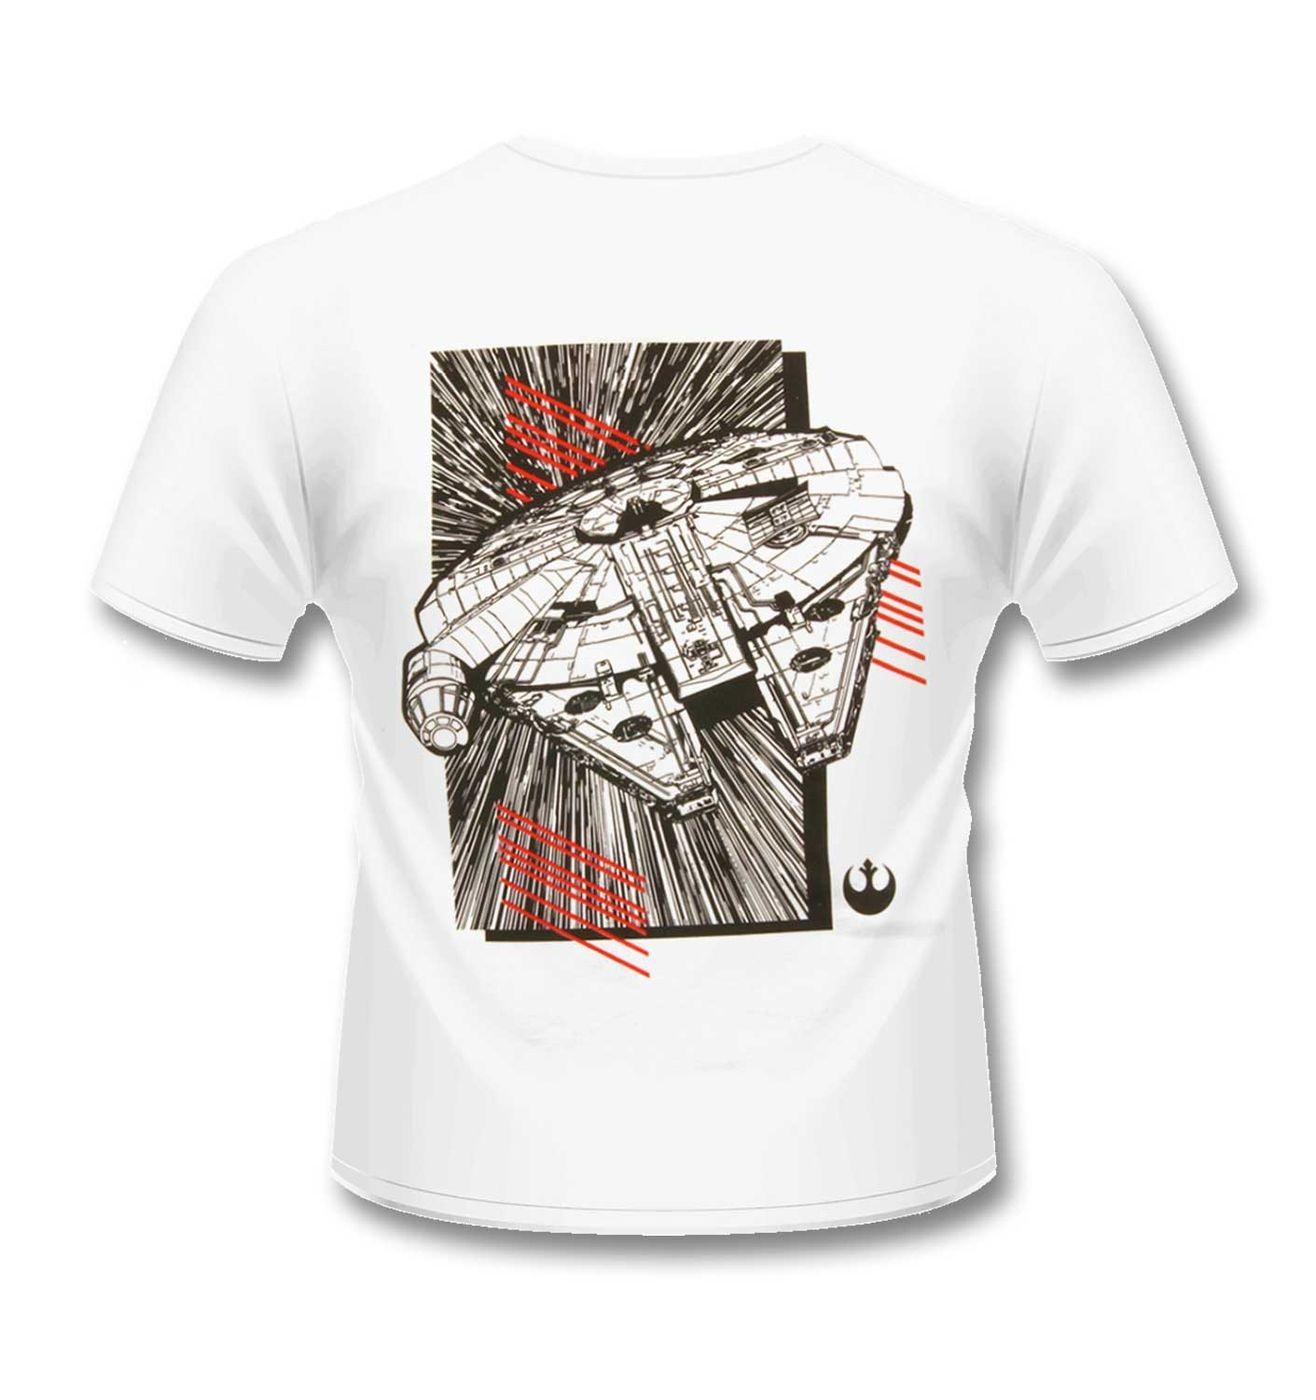 Millennium Falcon t-shirt